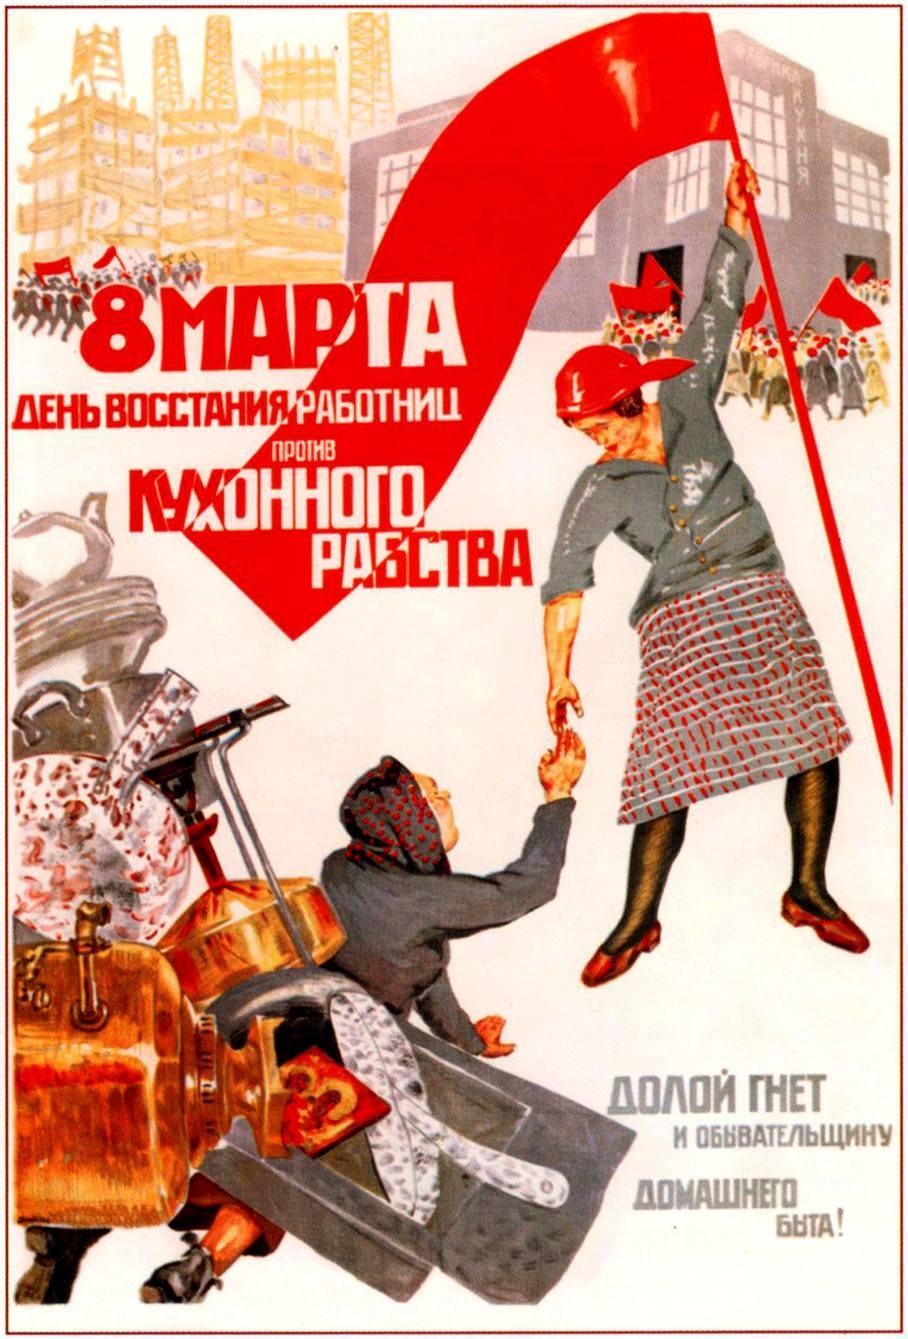 """""""Der 8. März – der Tag des Aufstandes der Arbeiterinnen gegen die Küchensklaverei. Nieder mit der Unterdrückung und Demütigung durch Hausarbeit!"""""""